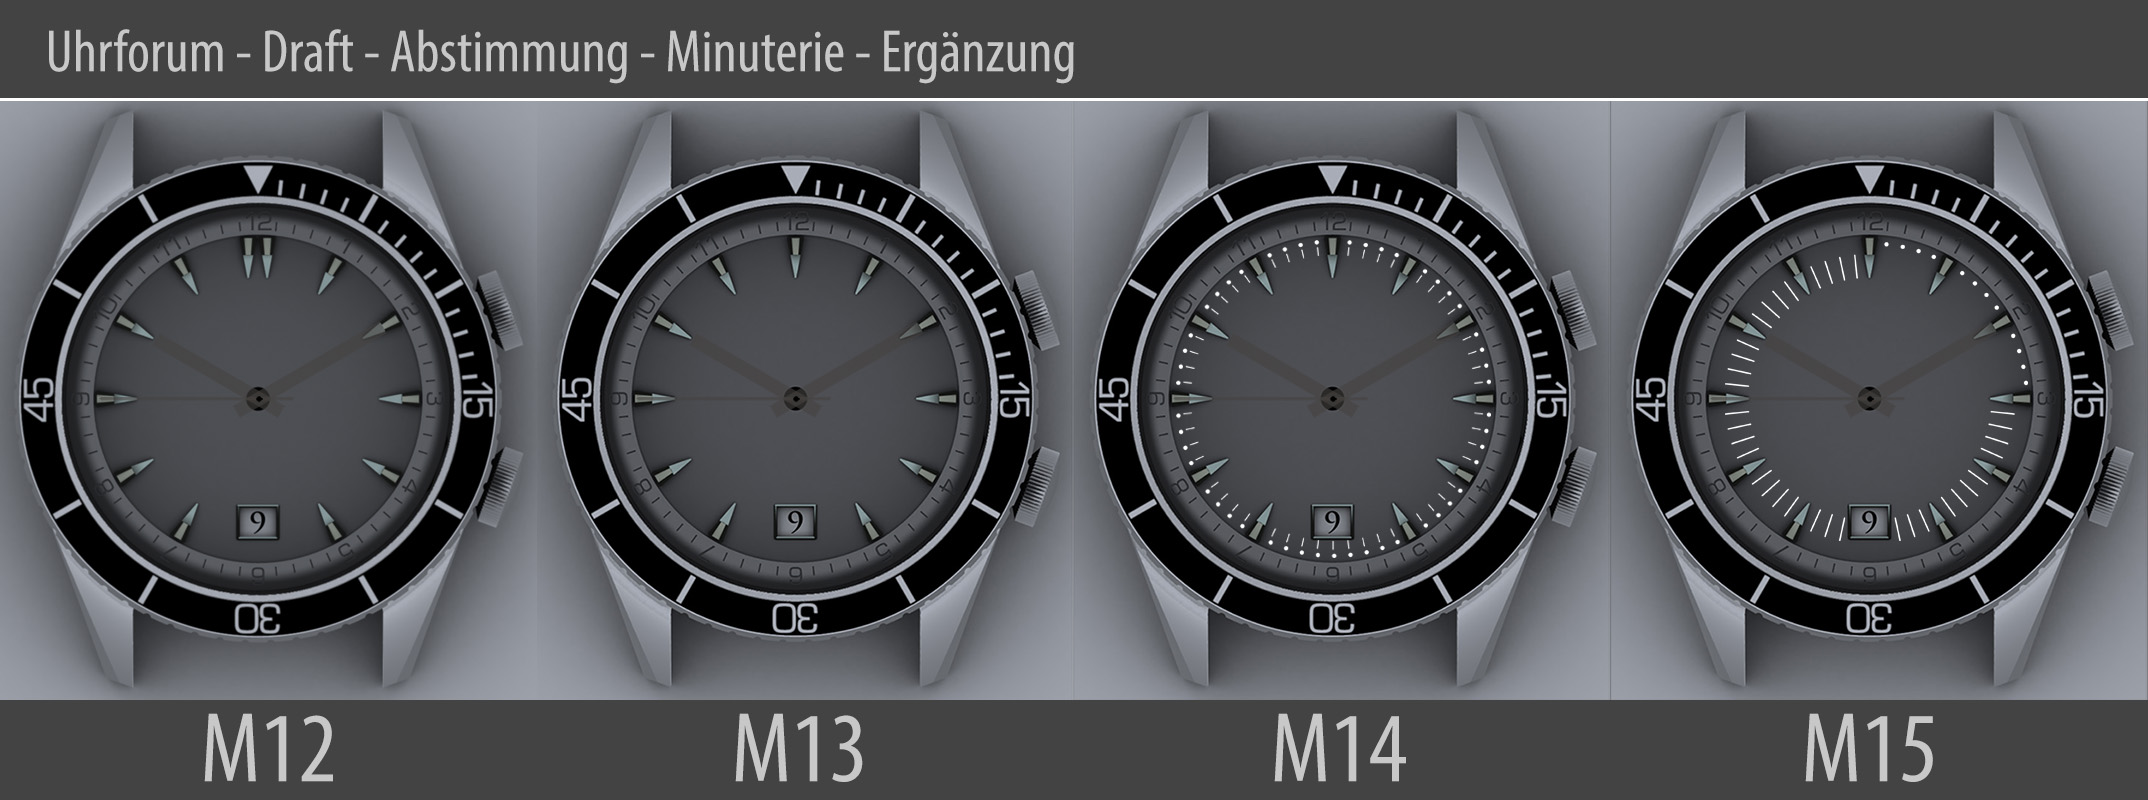 Ufo_Abstimmung_D6_Minuterie_Ergaenzung.jpg